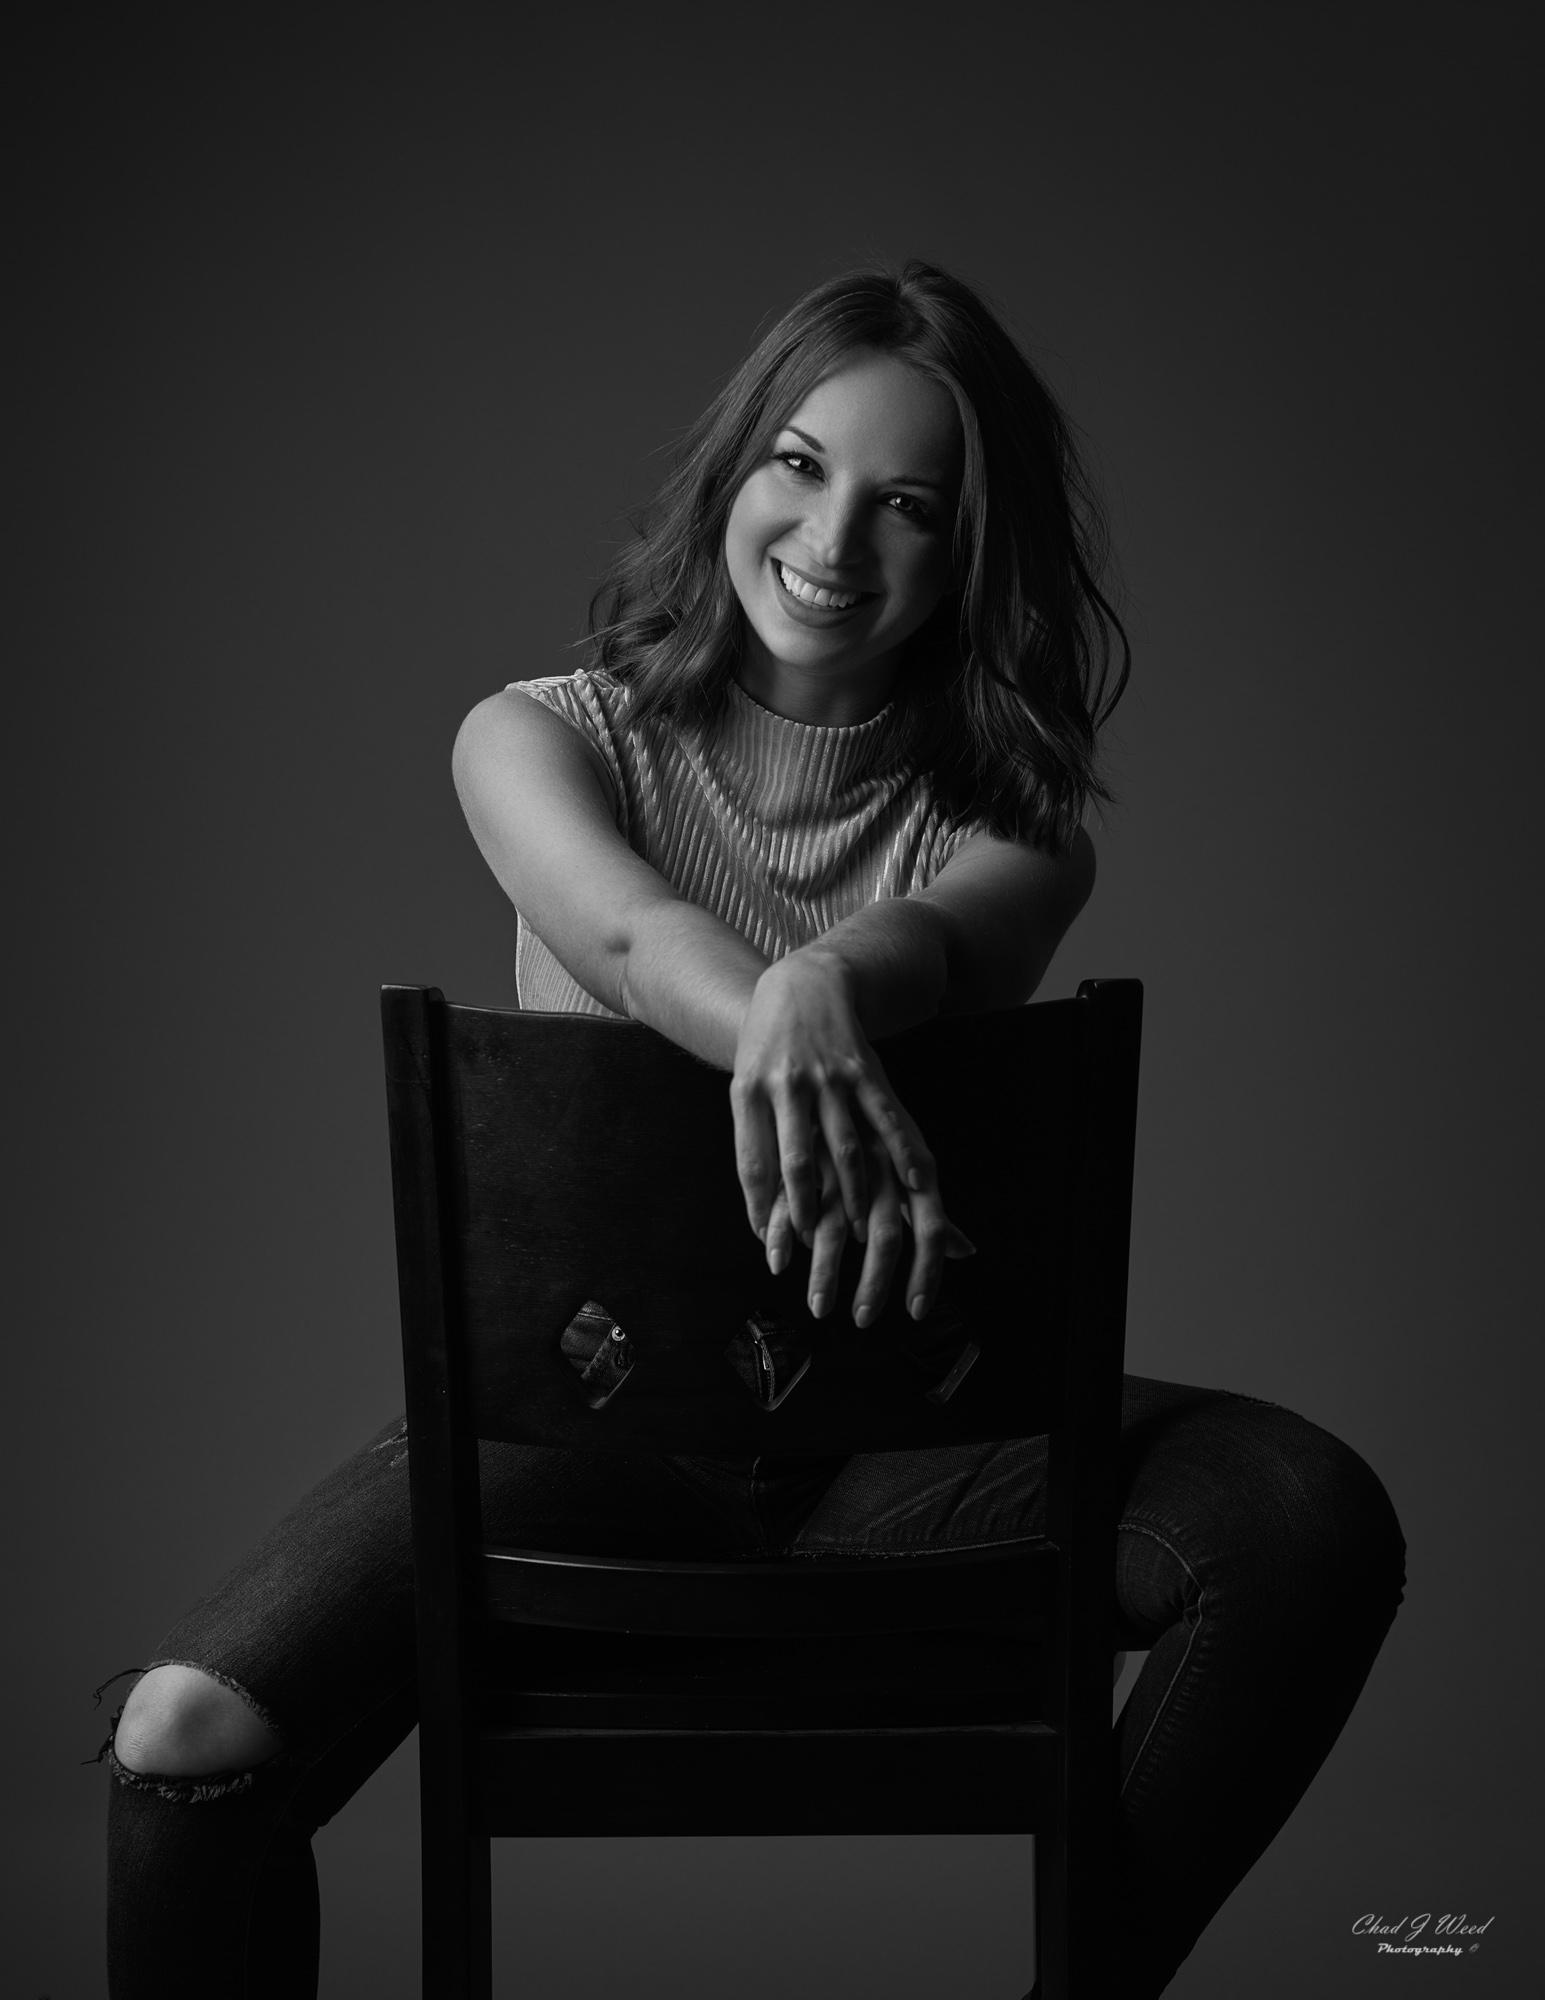 Actress/Model Kika by Mesa Arizona Fashion Portrait Photographer Chad Weed